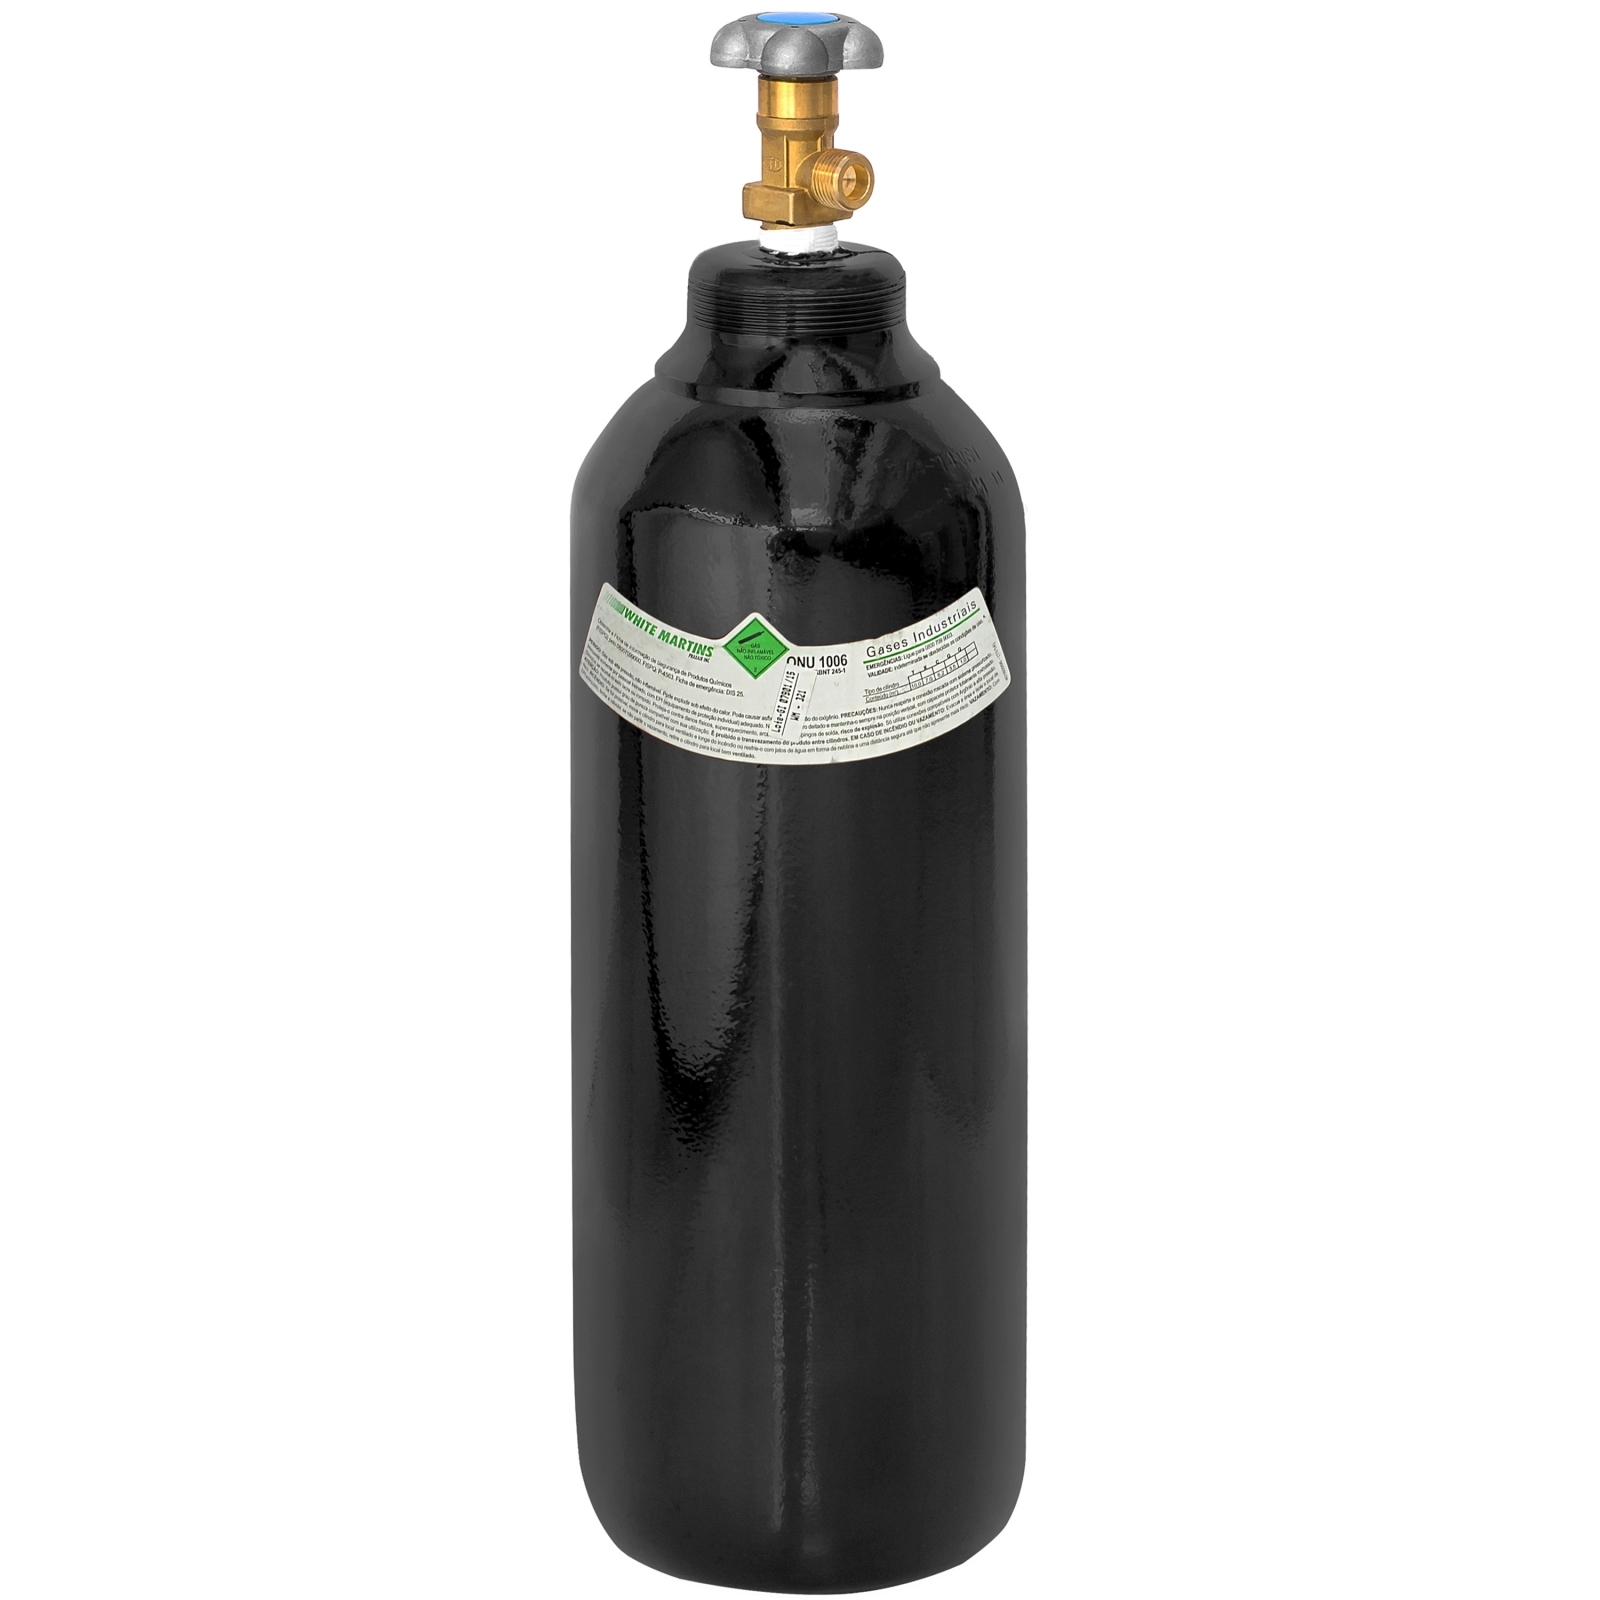 Conjunto De Solda Ppu Oxig Sem Glp 5kg + Maçarico Acessórios - Ferramentas MEP